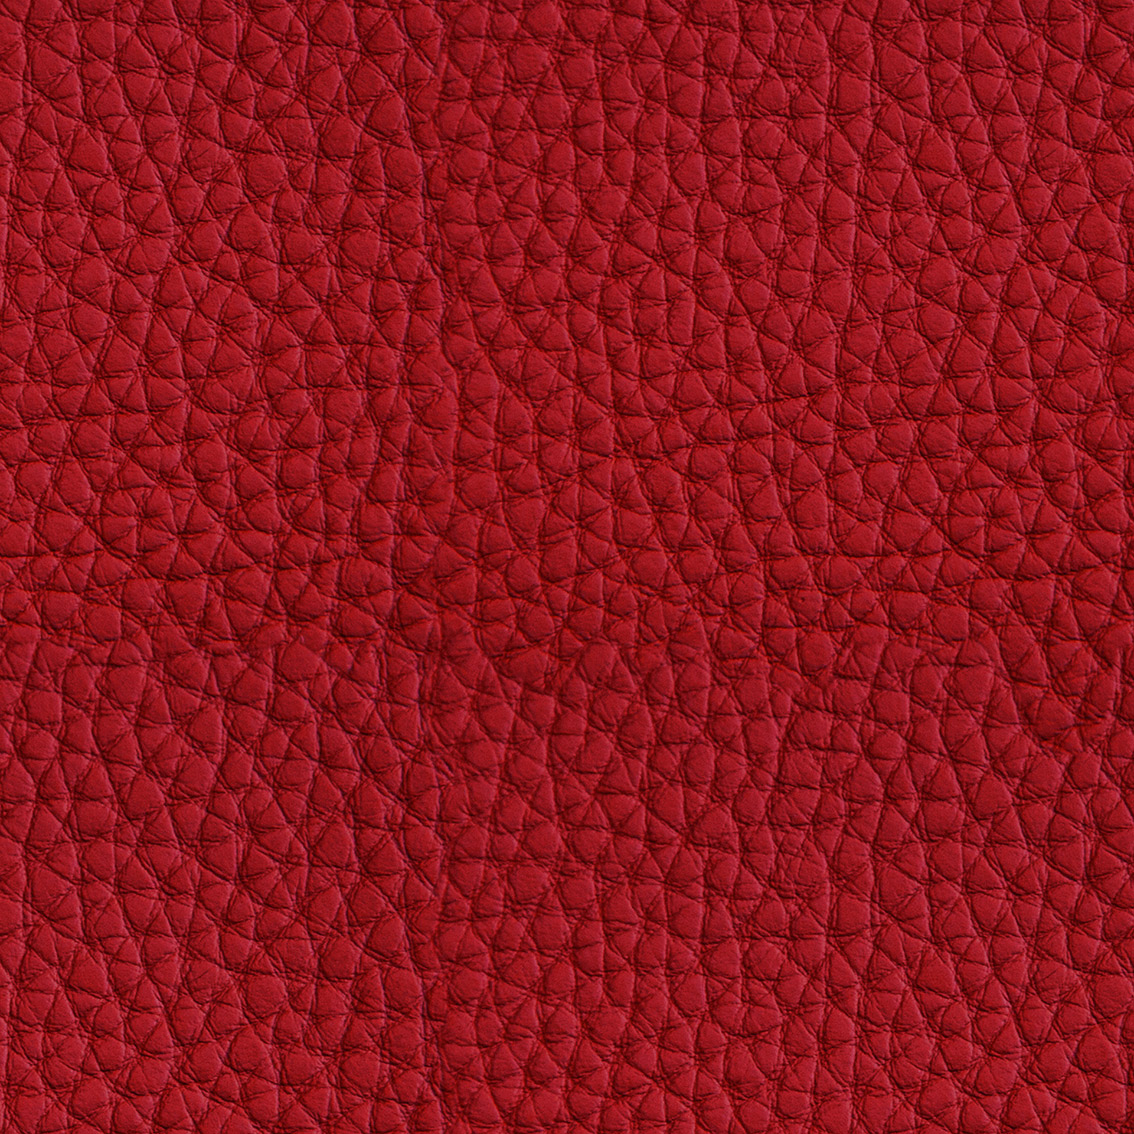 Коллекция ткани Aurora 884 Samba,  купить ткань Кож зам для мебели Украина